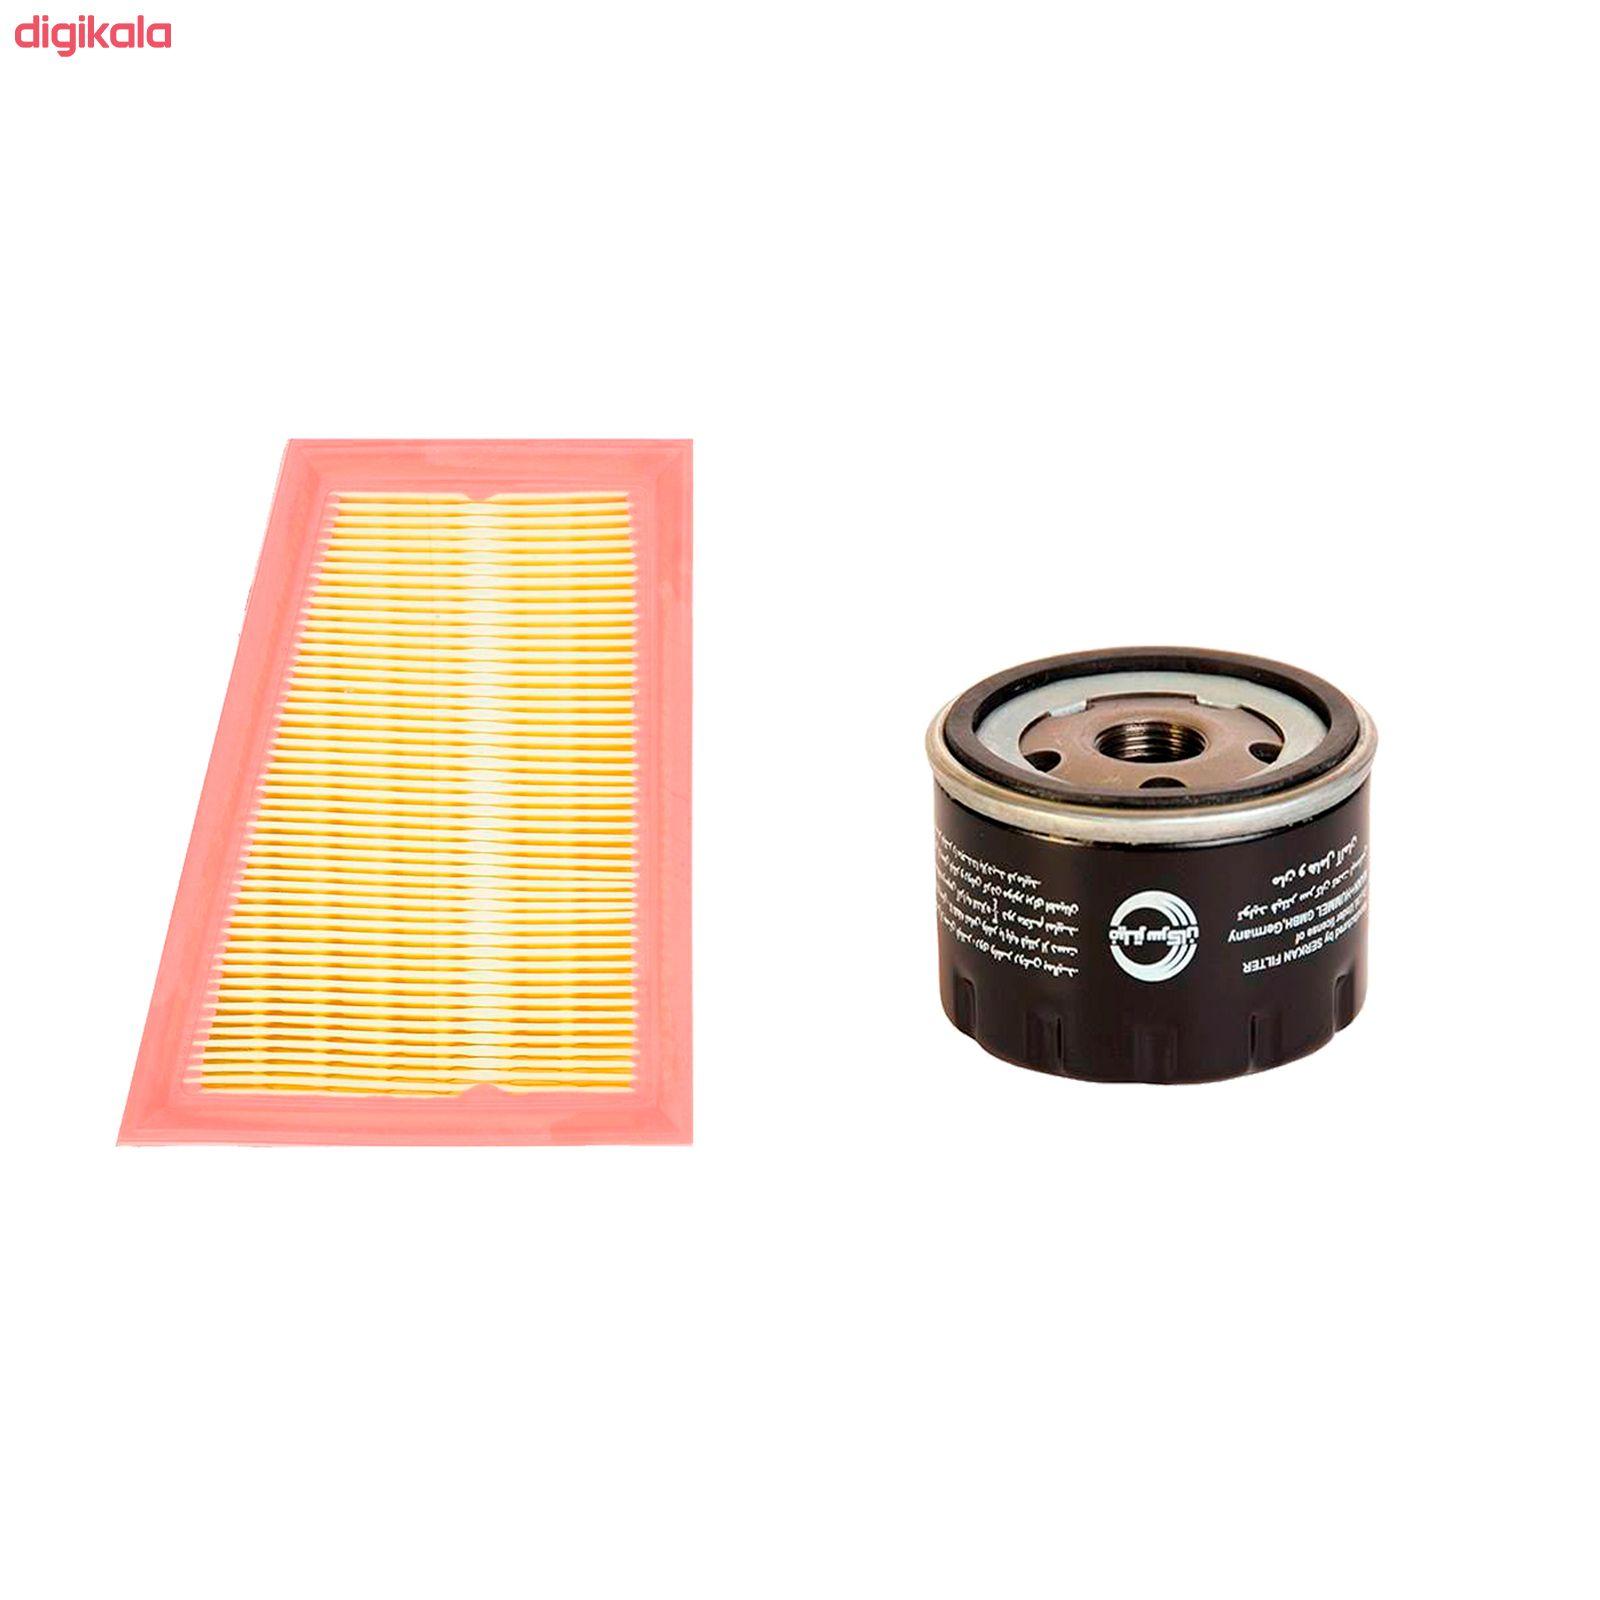 فیلتر روغن خودرو سرکان مدل SF7798 مناسب برای تندر90 به همراه فیلتر هوا main 1 1